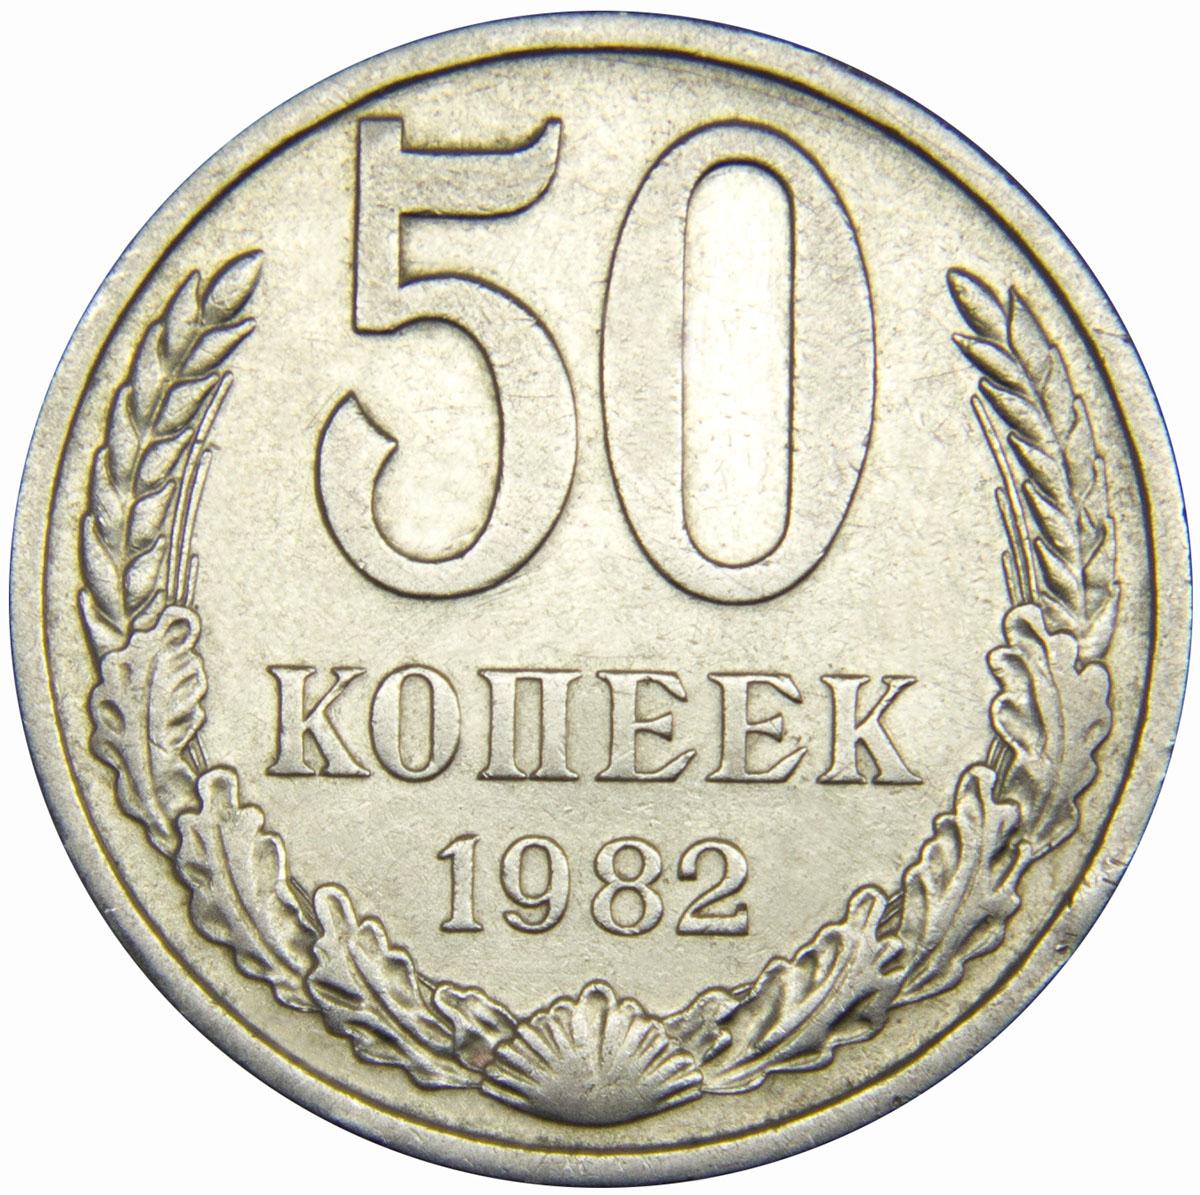 Монета номиналом 50 копеек. Медно-никелевый сплав. Сохранность VF. СССР, 1982 год